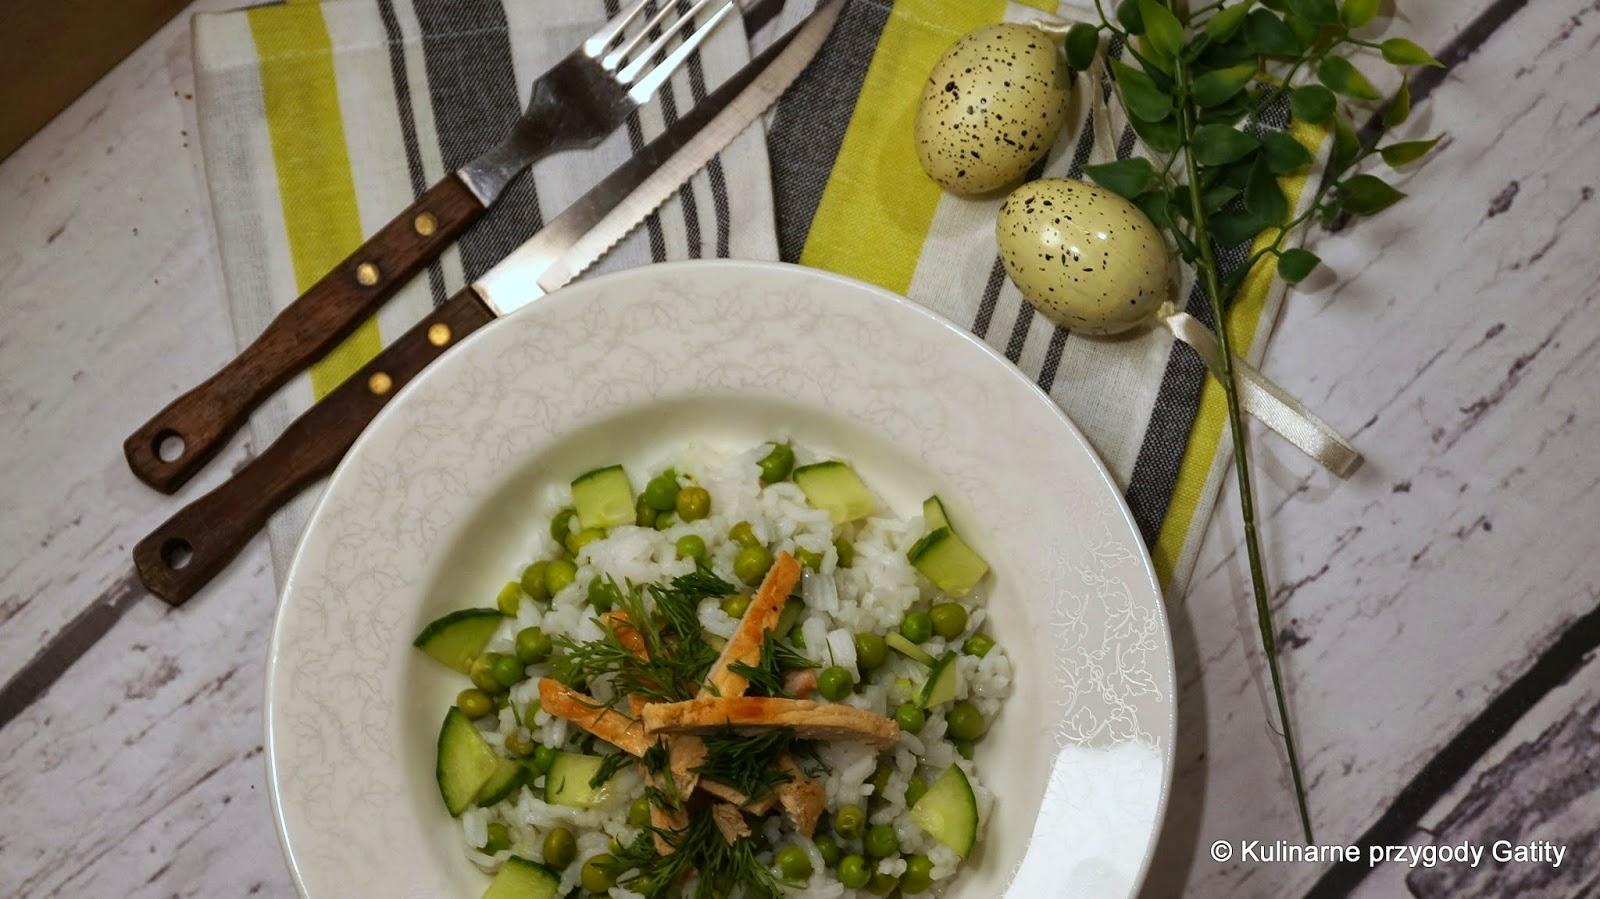 kolorowa-salatka-na bialym-talerzu